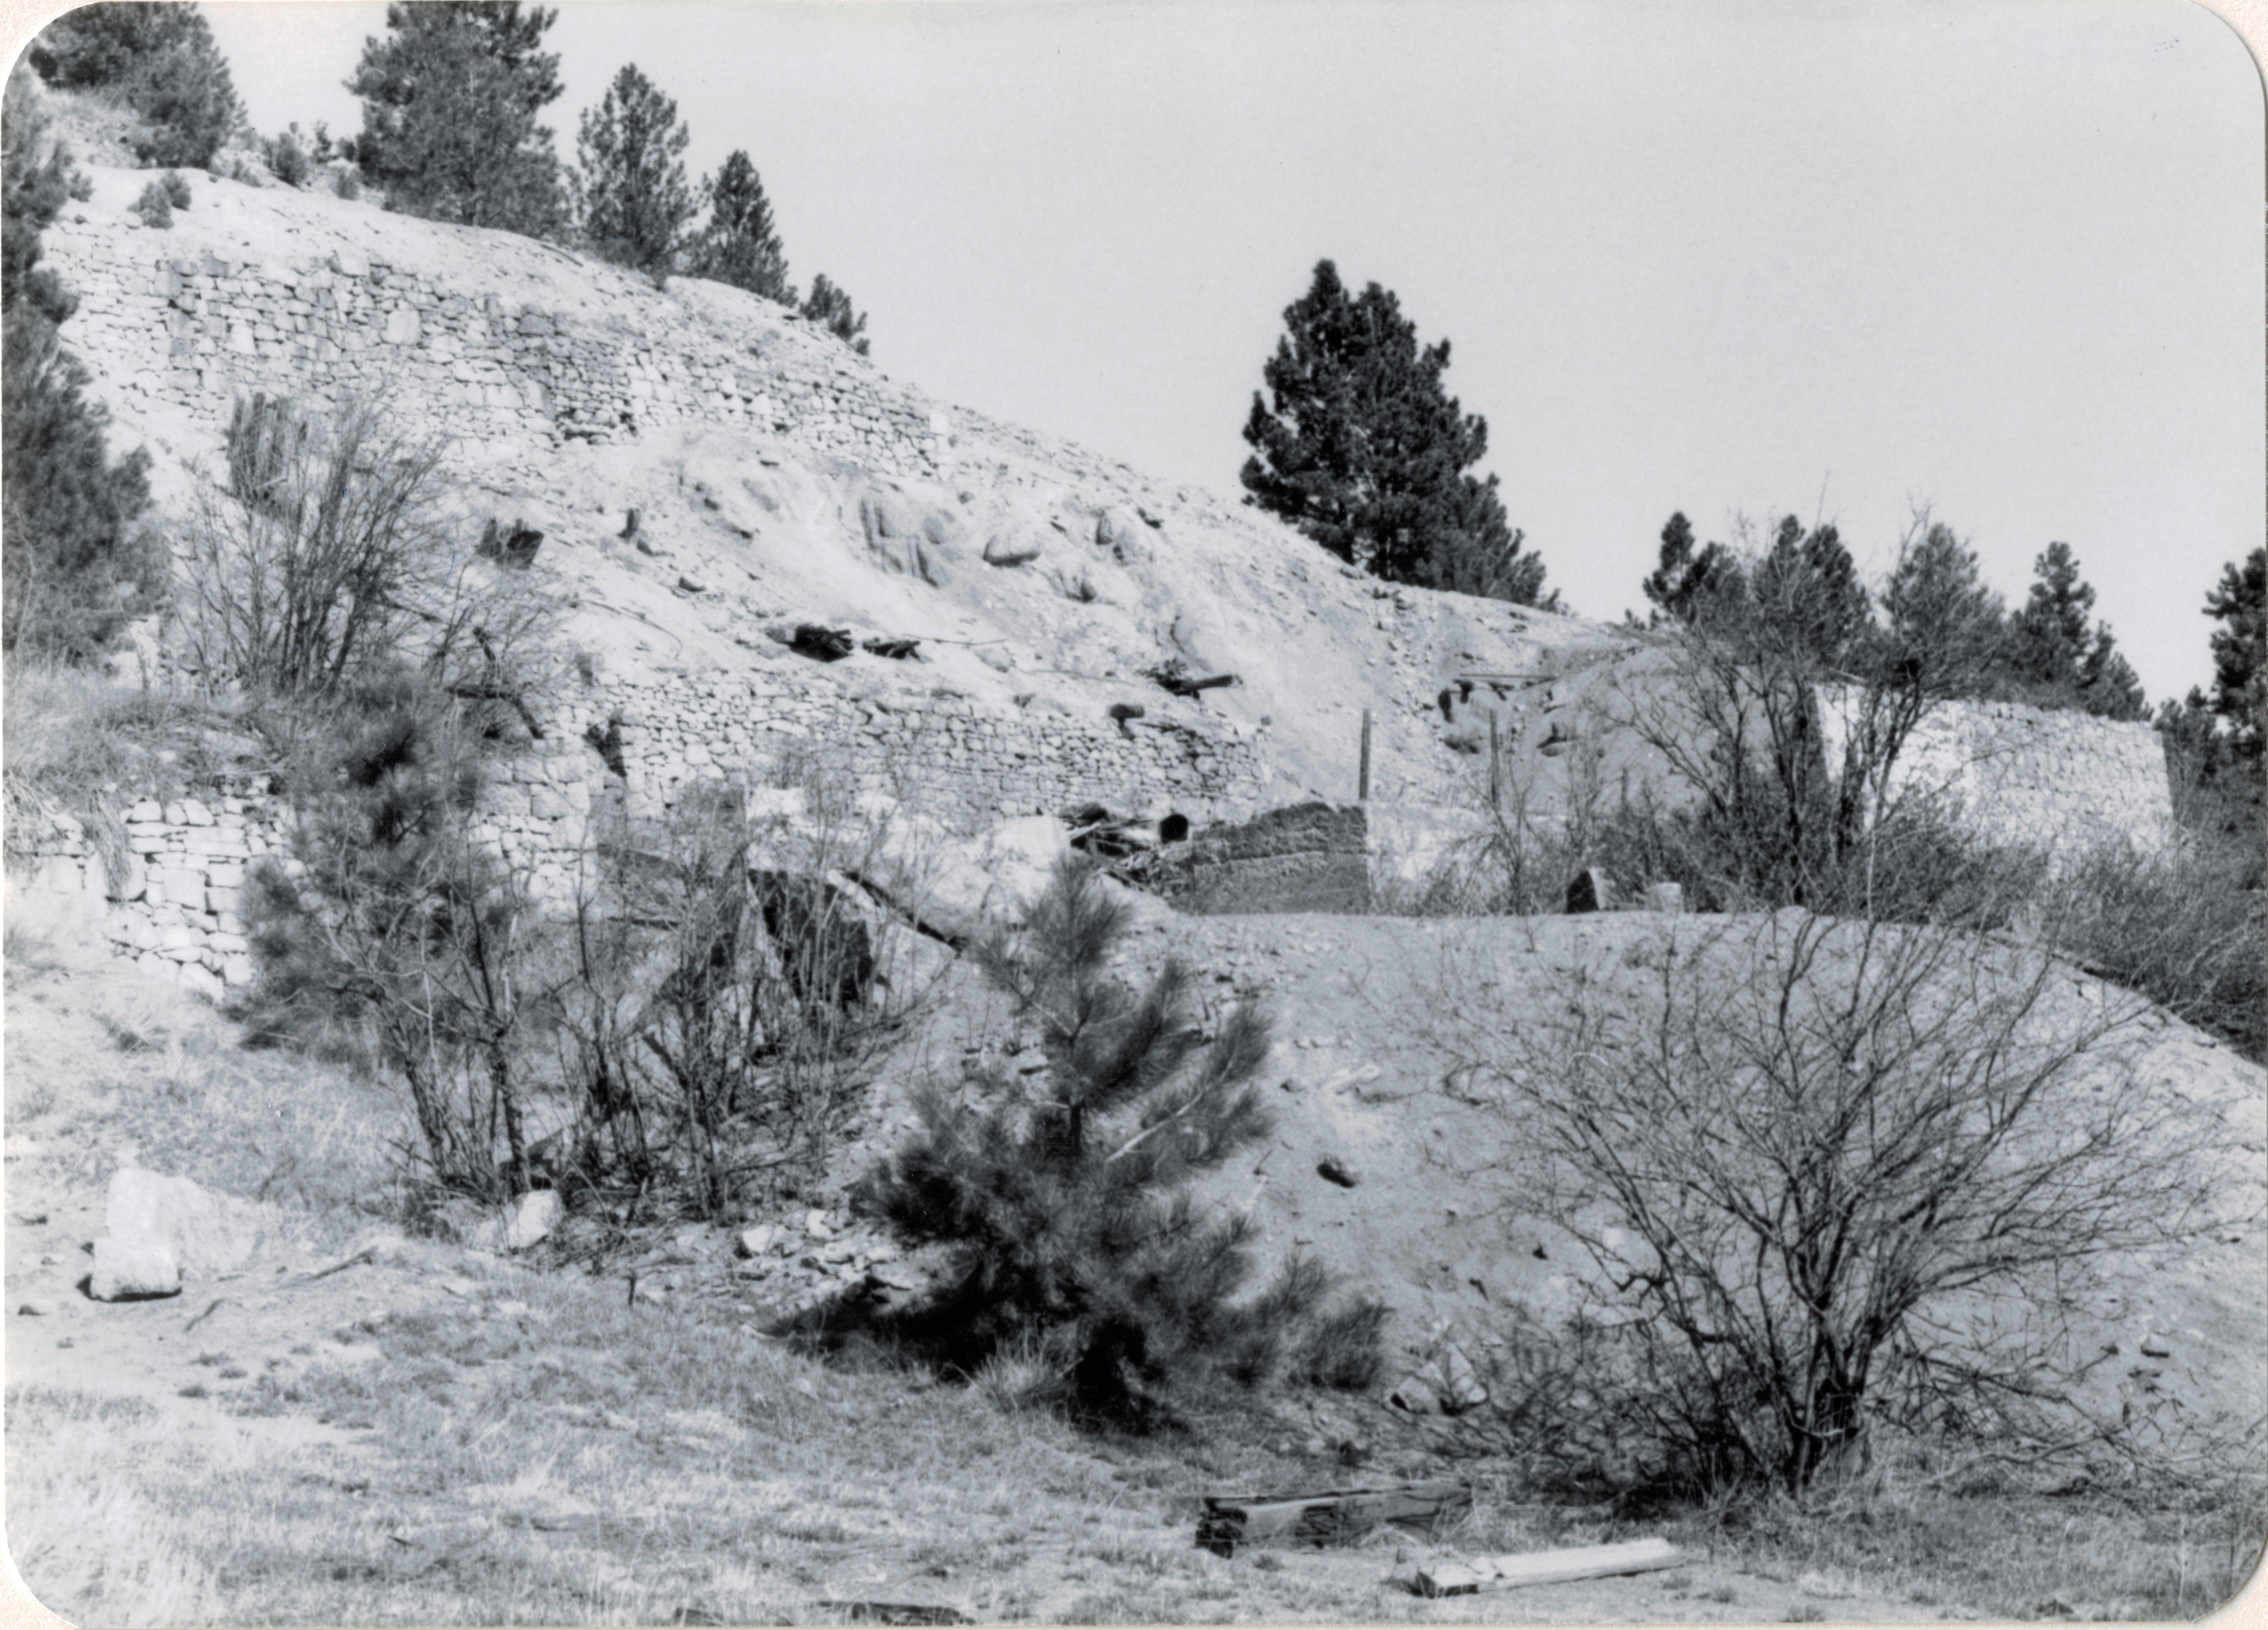 Corbin concentrater site, Jefferson Co (46-21)